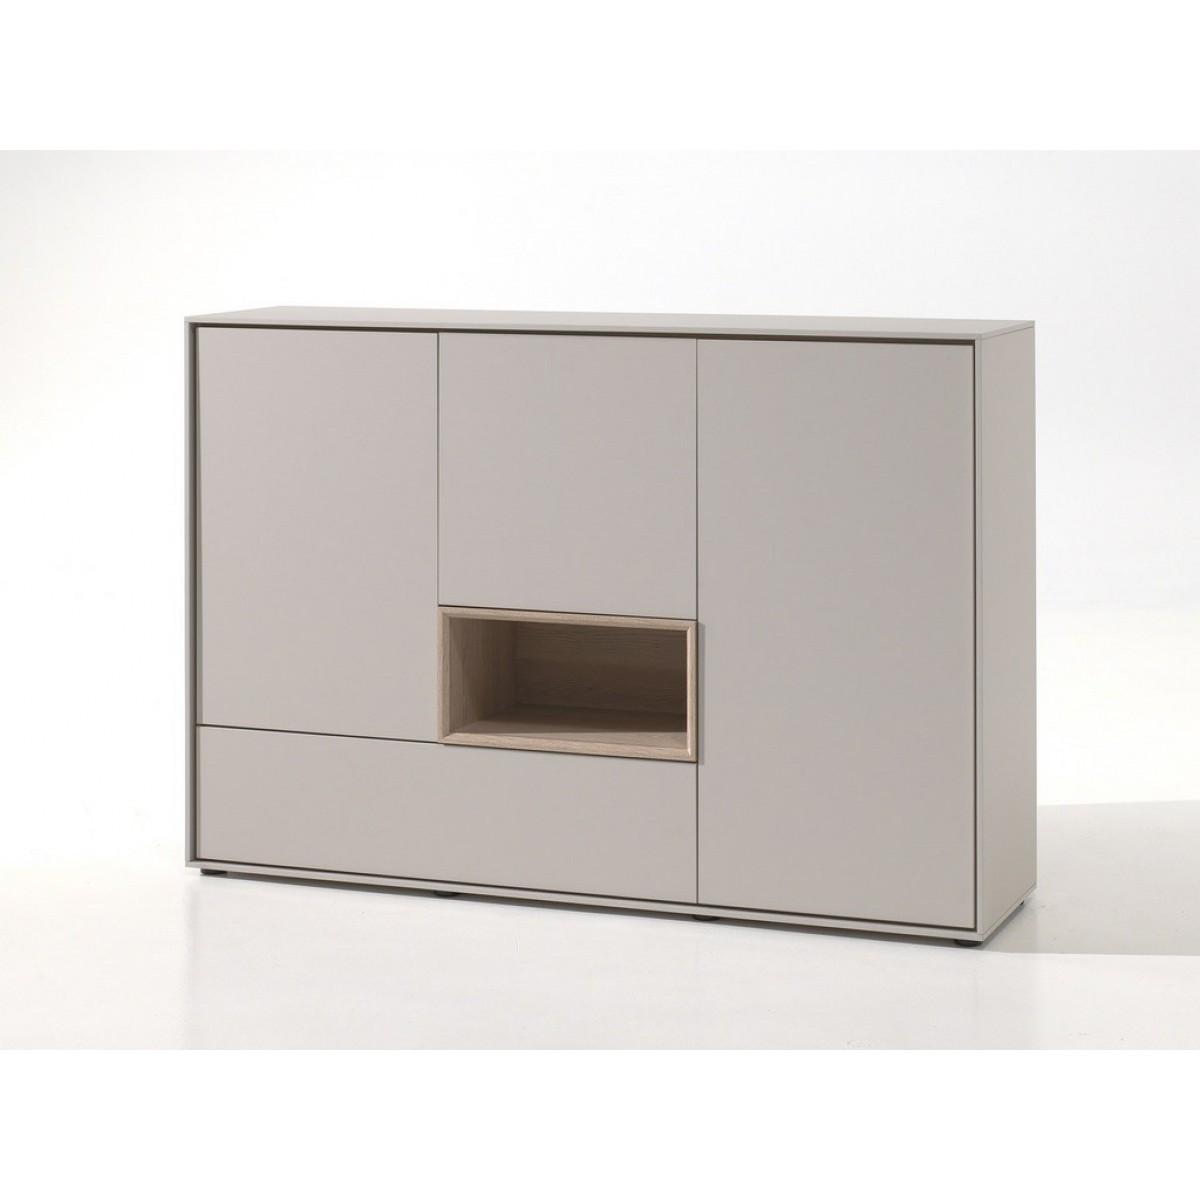 kyara-dressoir-dressette-c0055a-cashmere